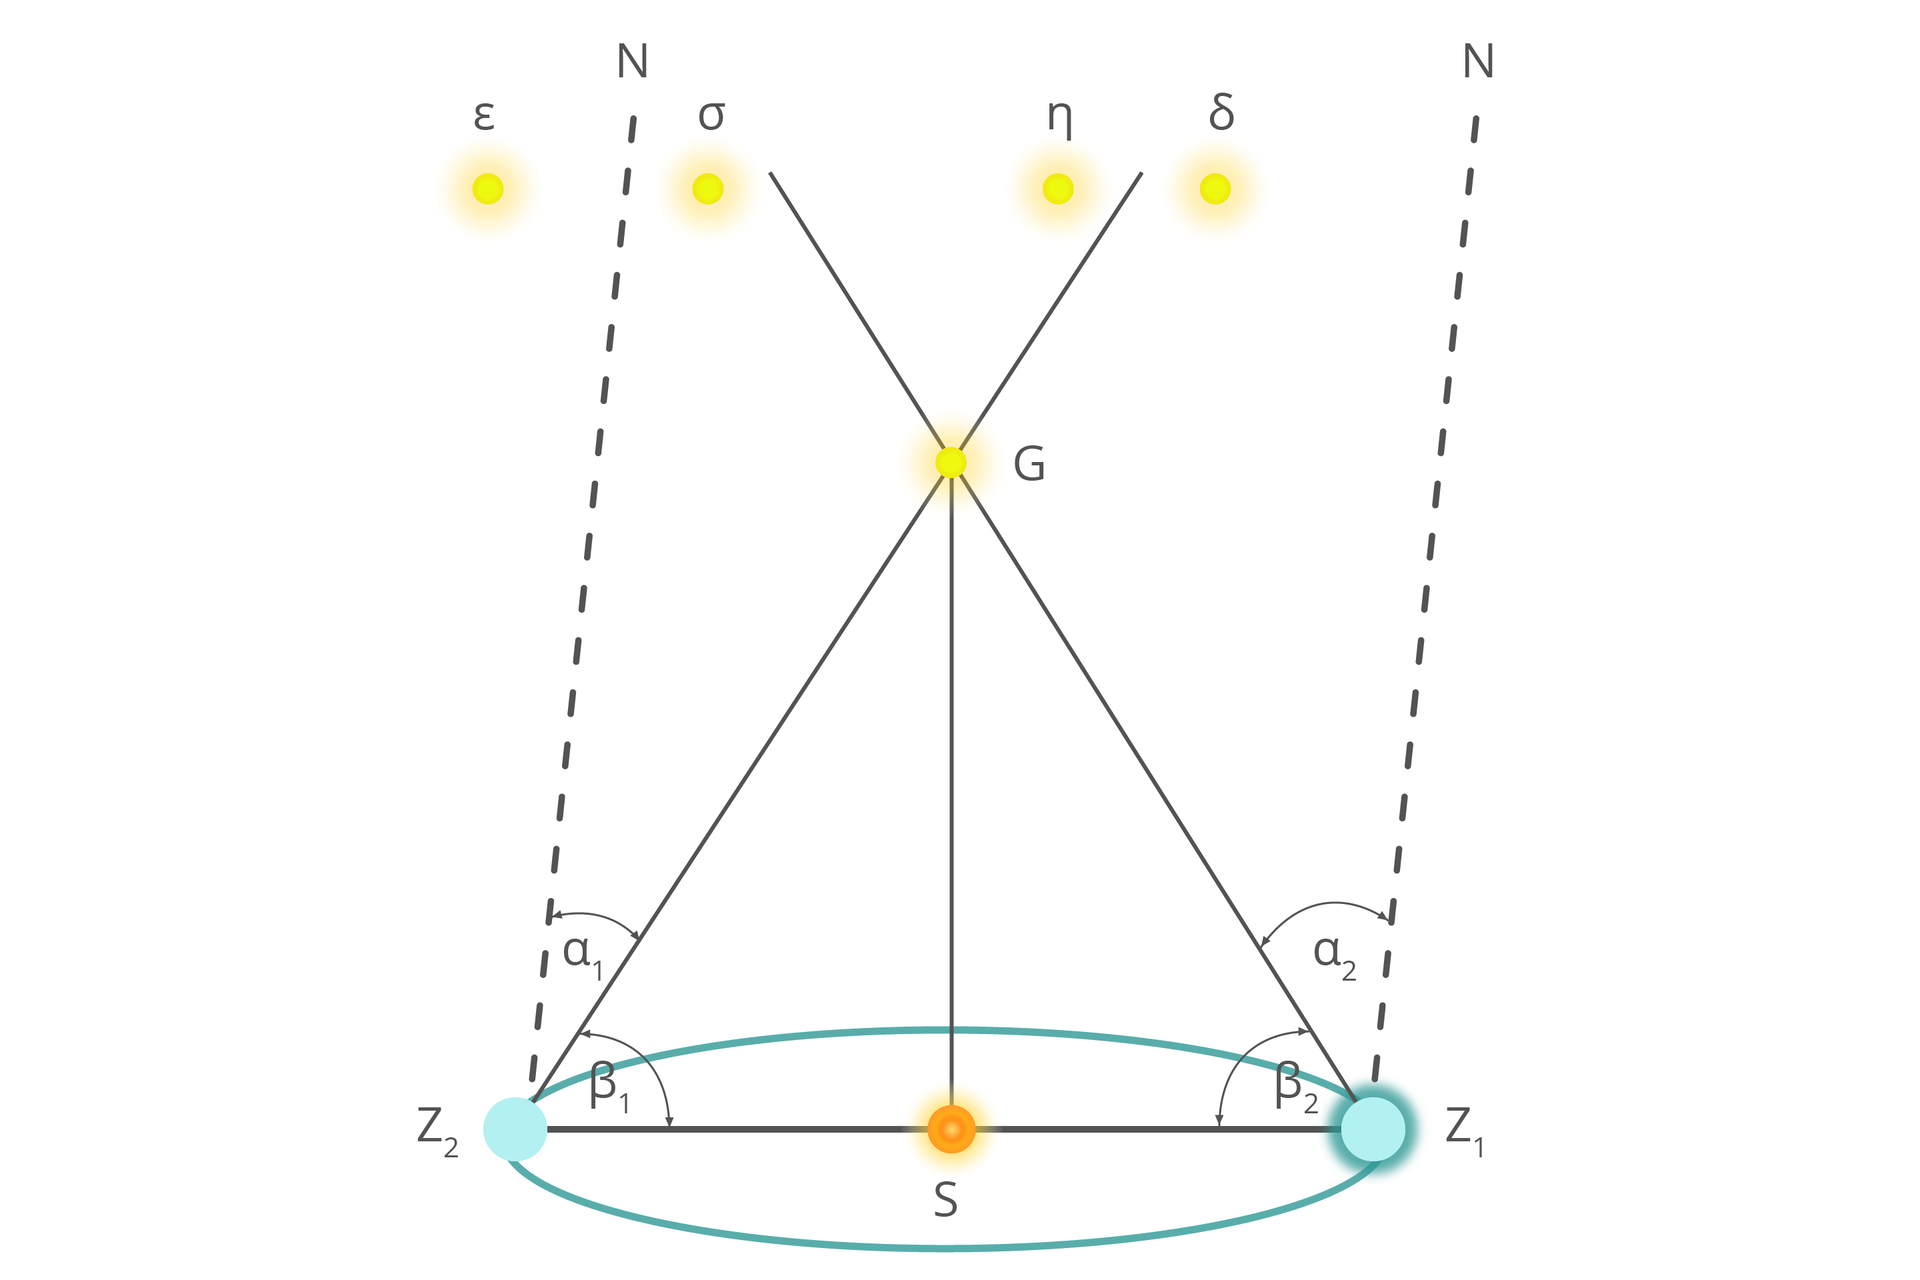 Grafika ilustrująca zmiany położenia gwiazdy Gwstosunku do gwiazd odległych wwyniku ruchu obiegowego Ziemi. Odcinek SZ_1 lub SZ_2 to średnia odległość Ziemi od Słońca.